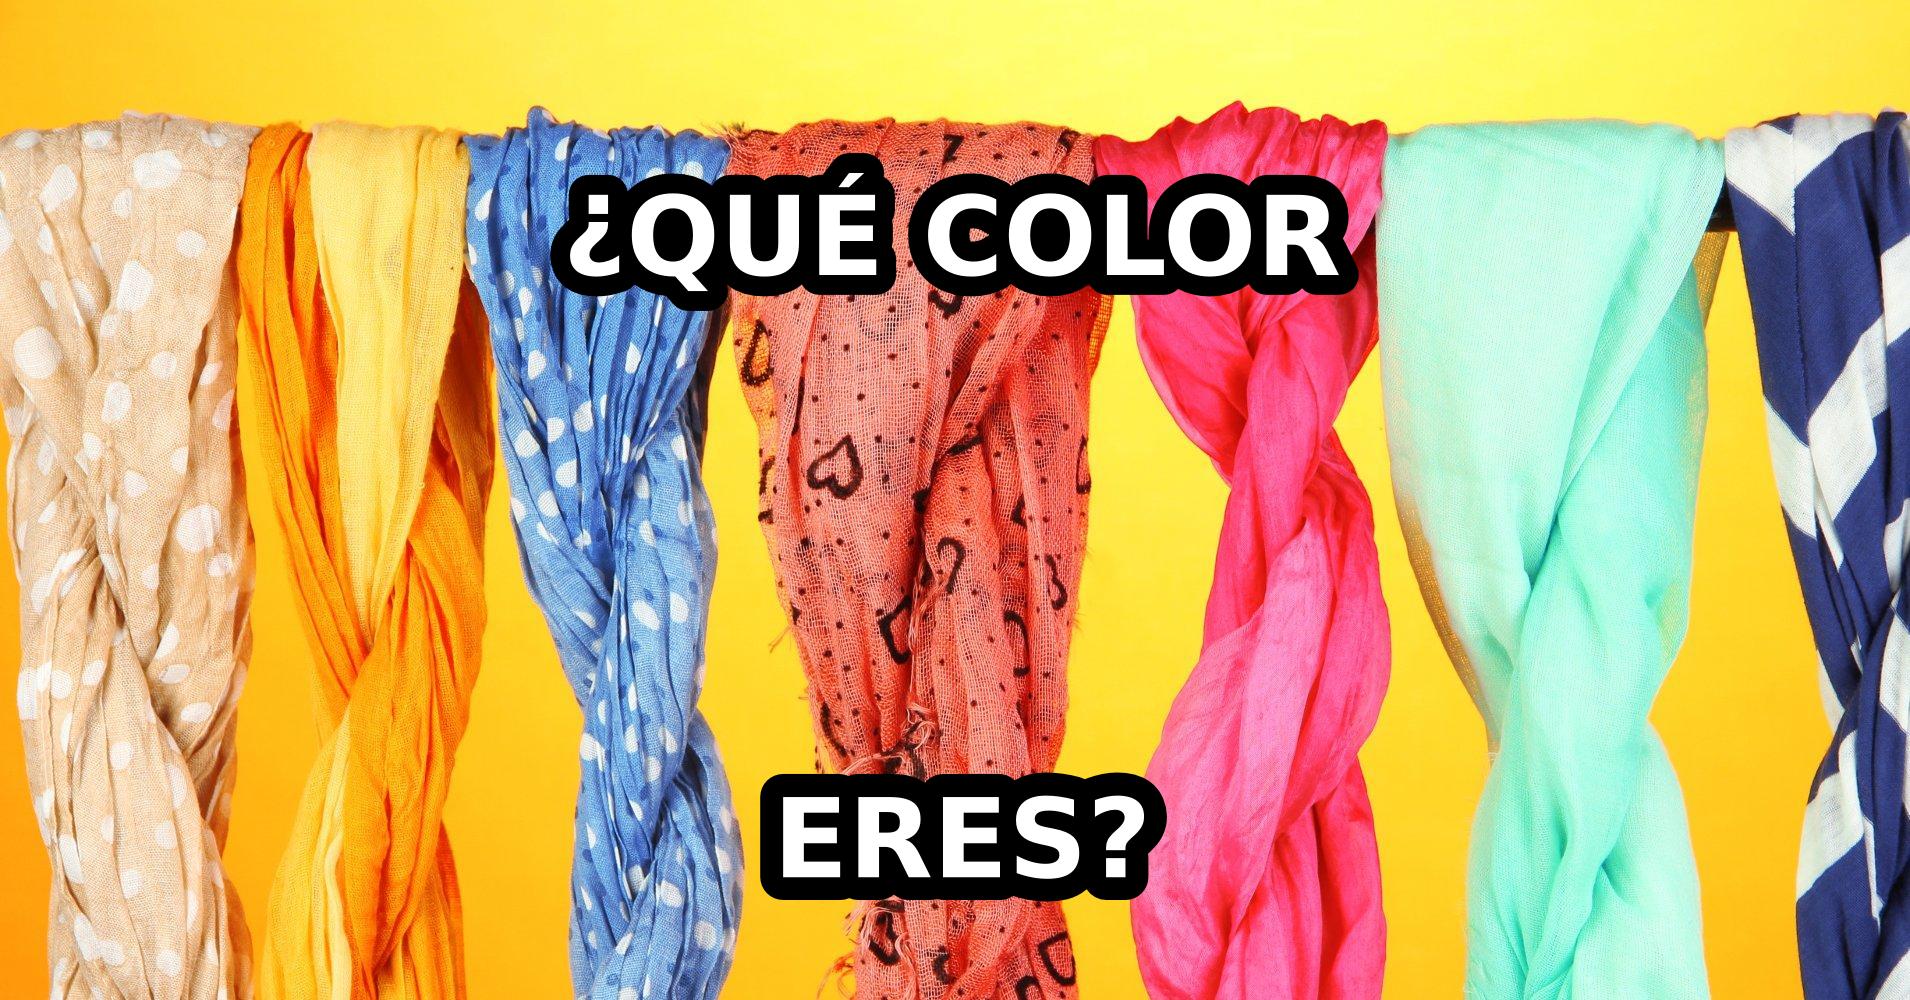 Qué Color Eres? - Test - Quizony.com